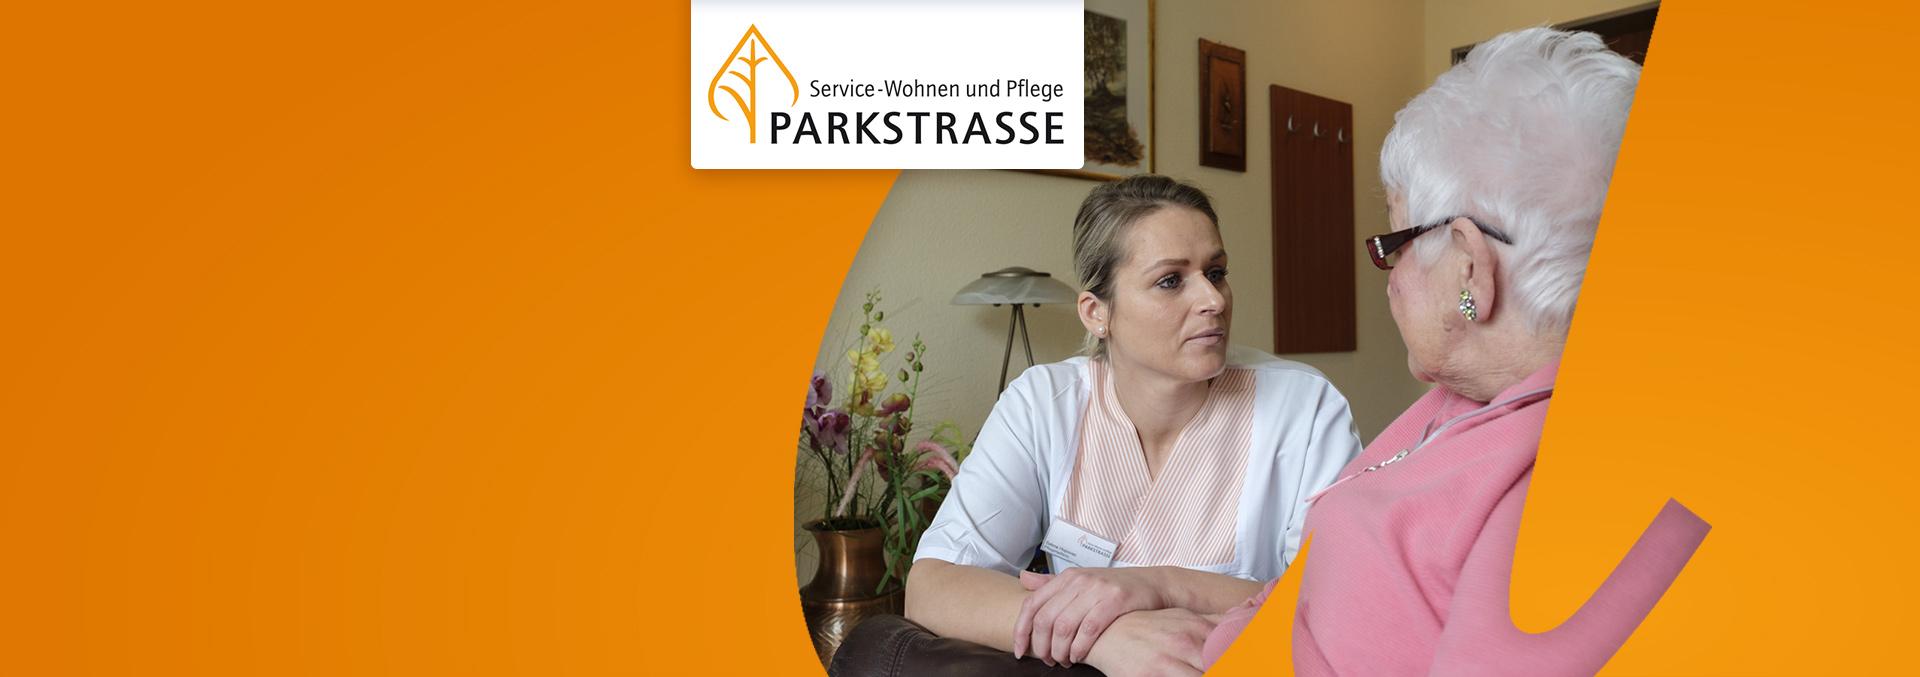 Service-Wohnen und Pflege in der Parkstraße: Eine Pflegerin hört einer Bewohnerin in einem Sessel zu